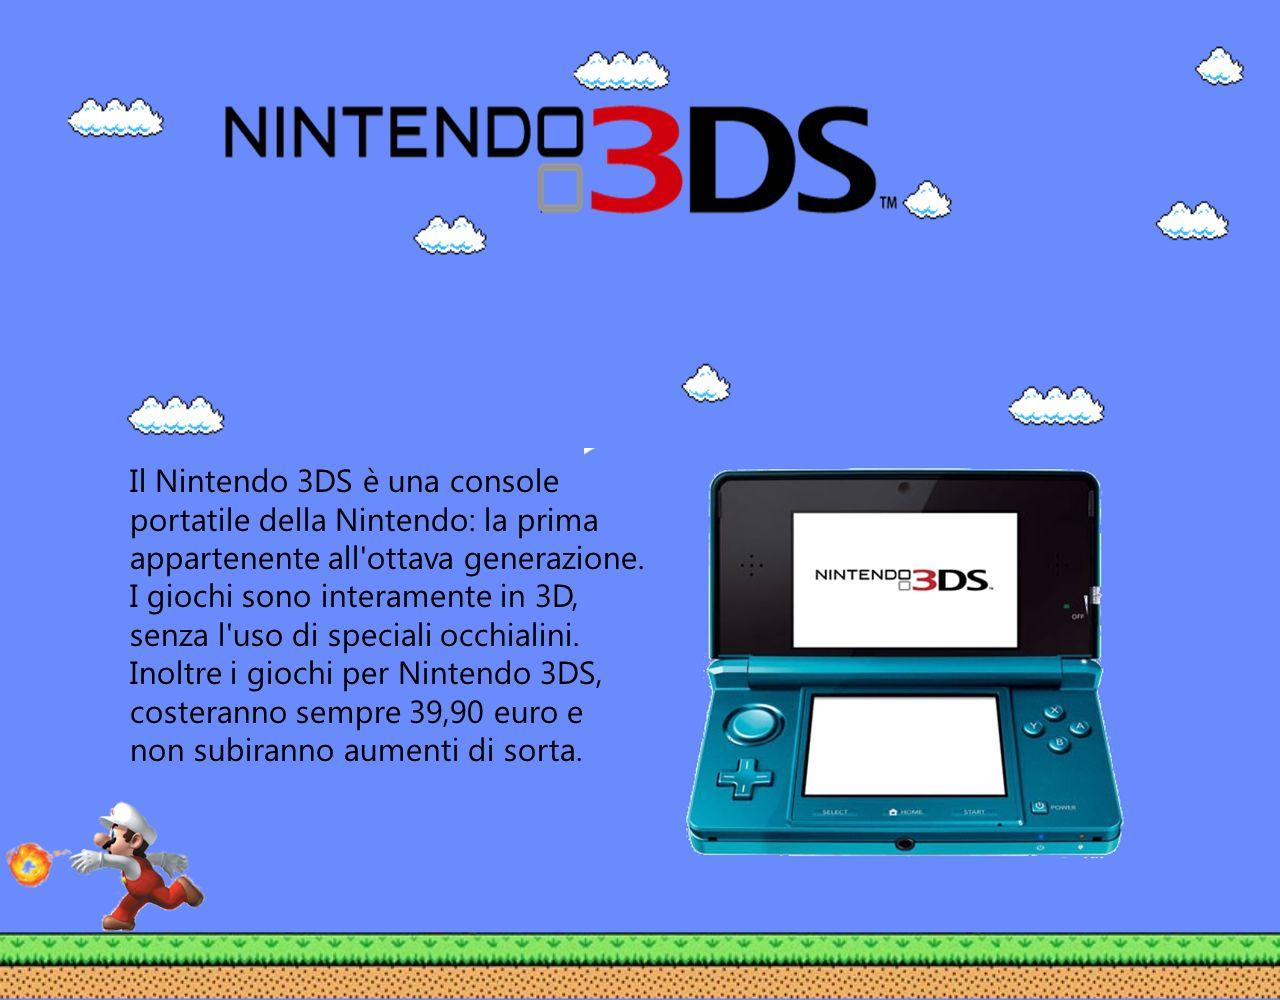 Il Nintendo 3DS è una console portatile della Nintendo: la prima appartenente all'ottava generazione. I giochi sono interamente in 3D, senza l'uso di